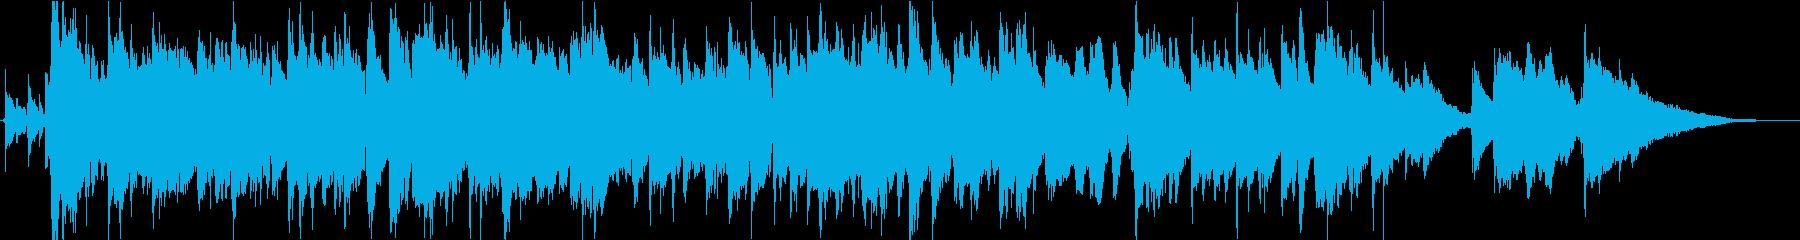 短縮版】泣ける!哀愁感漂うアコギバラードの再生済みの波形